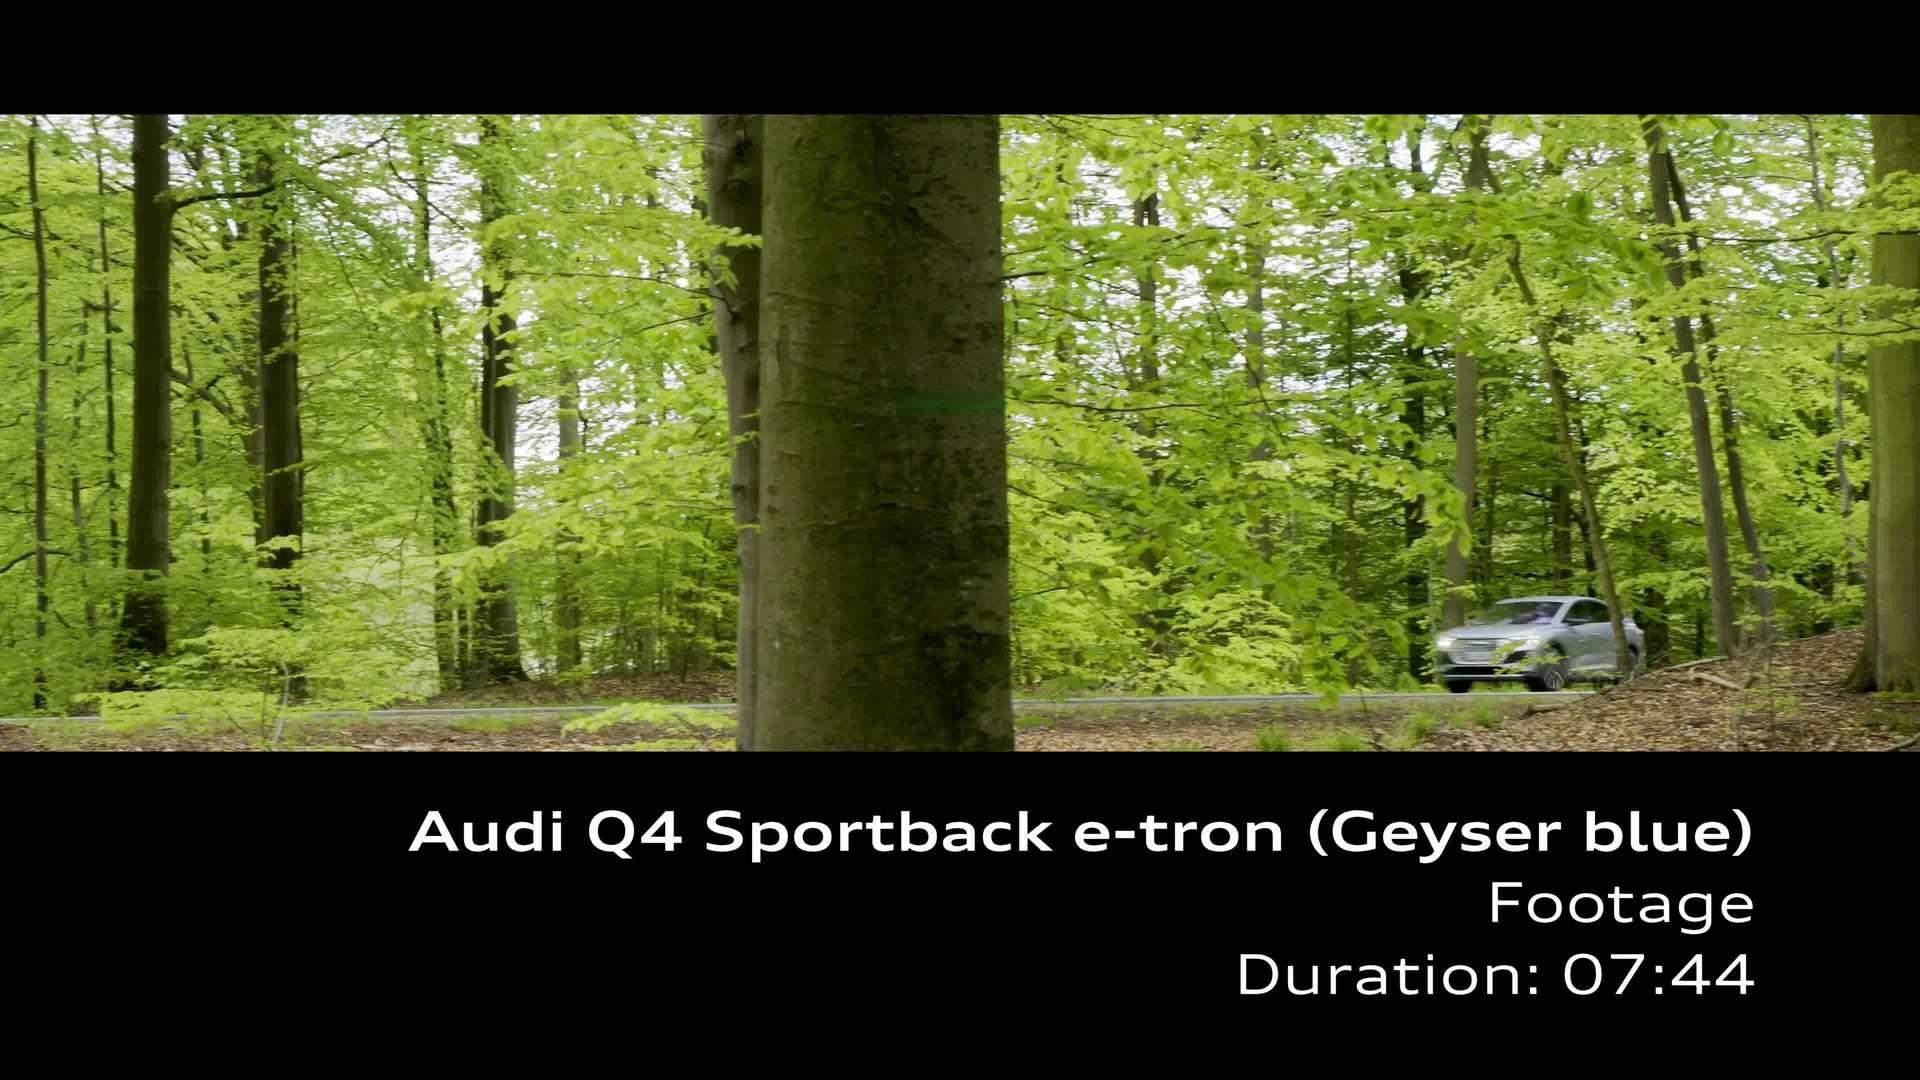 Footage: Audi Q4 Sportback e-tron – Geysirblau